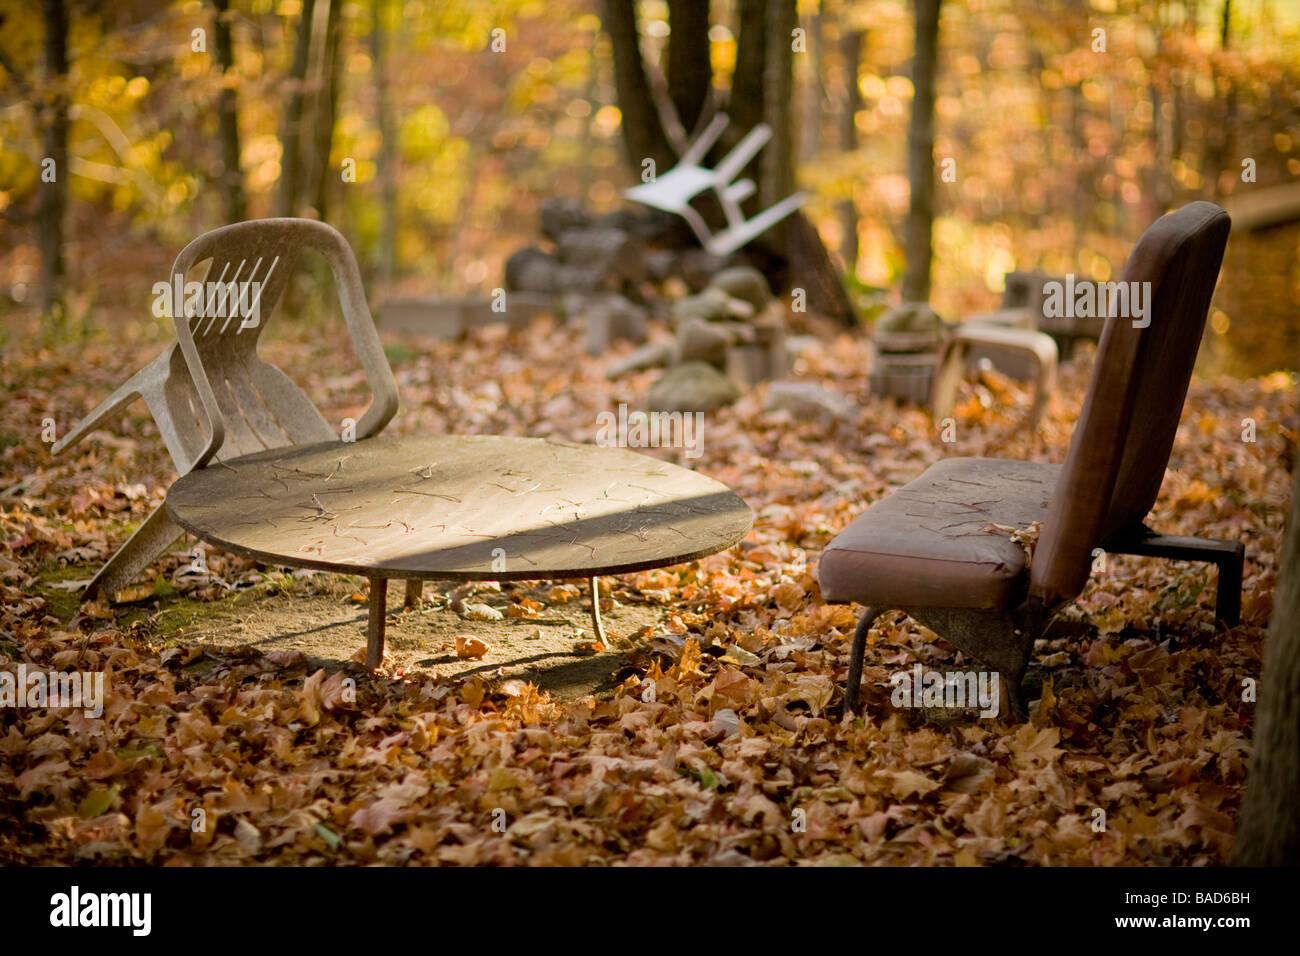 Meubles abandonnés dans les bois Photo Stock